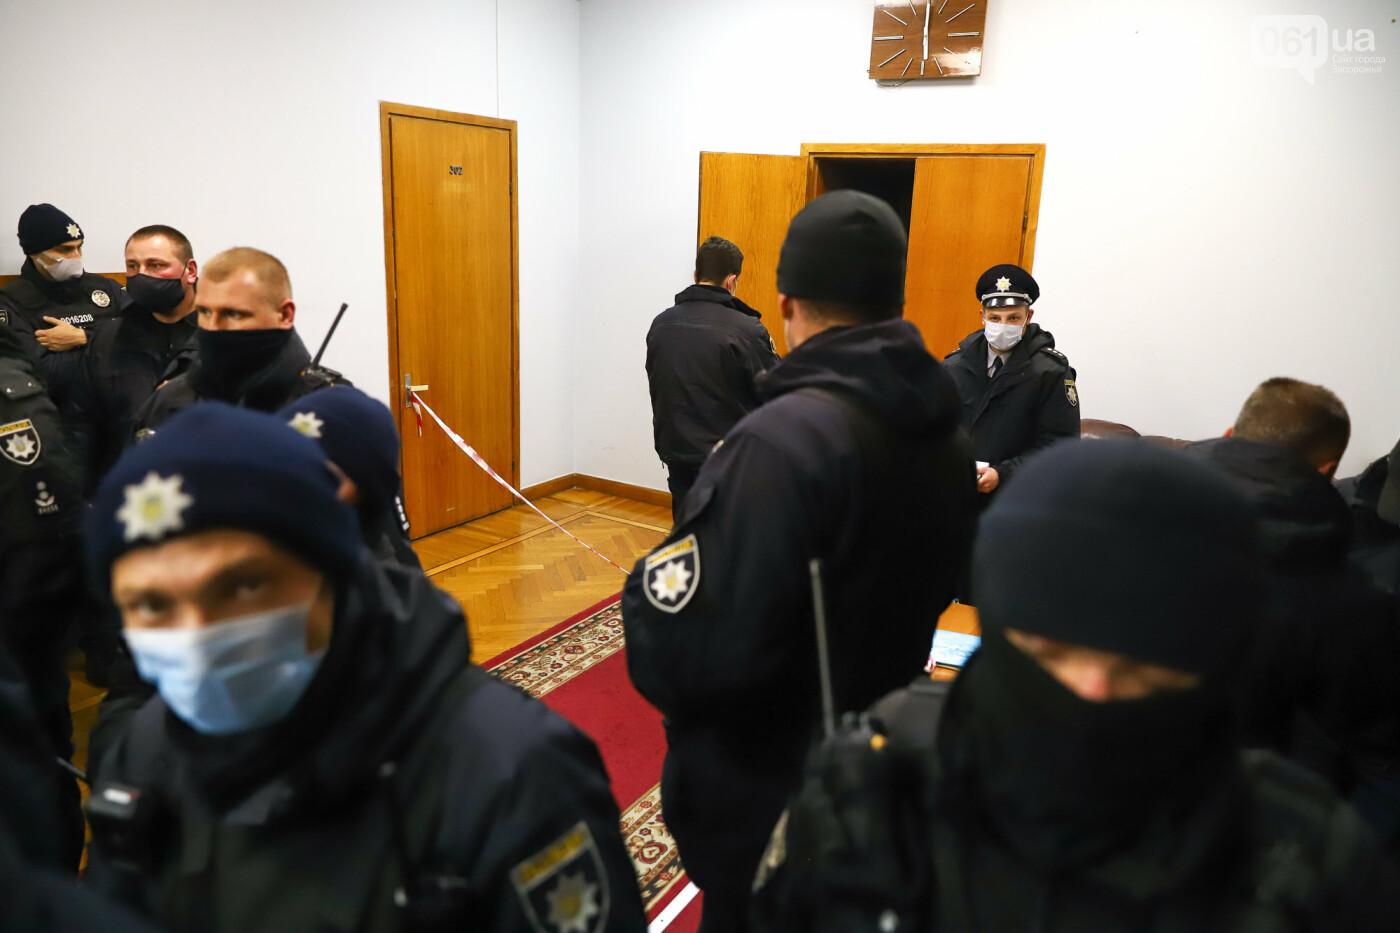 """Тайная """"сессия"""", сотни правоохранителей и стычки с активистами - что происходило в здании Запорожского облсовета, - ФОТО, ВИДЕО , фото-61"""